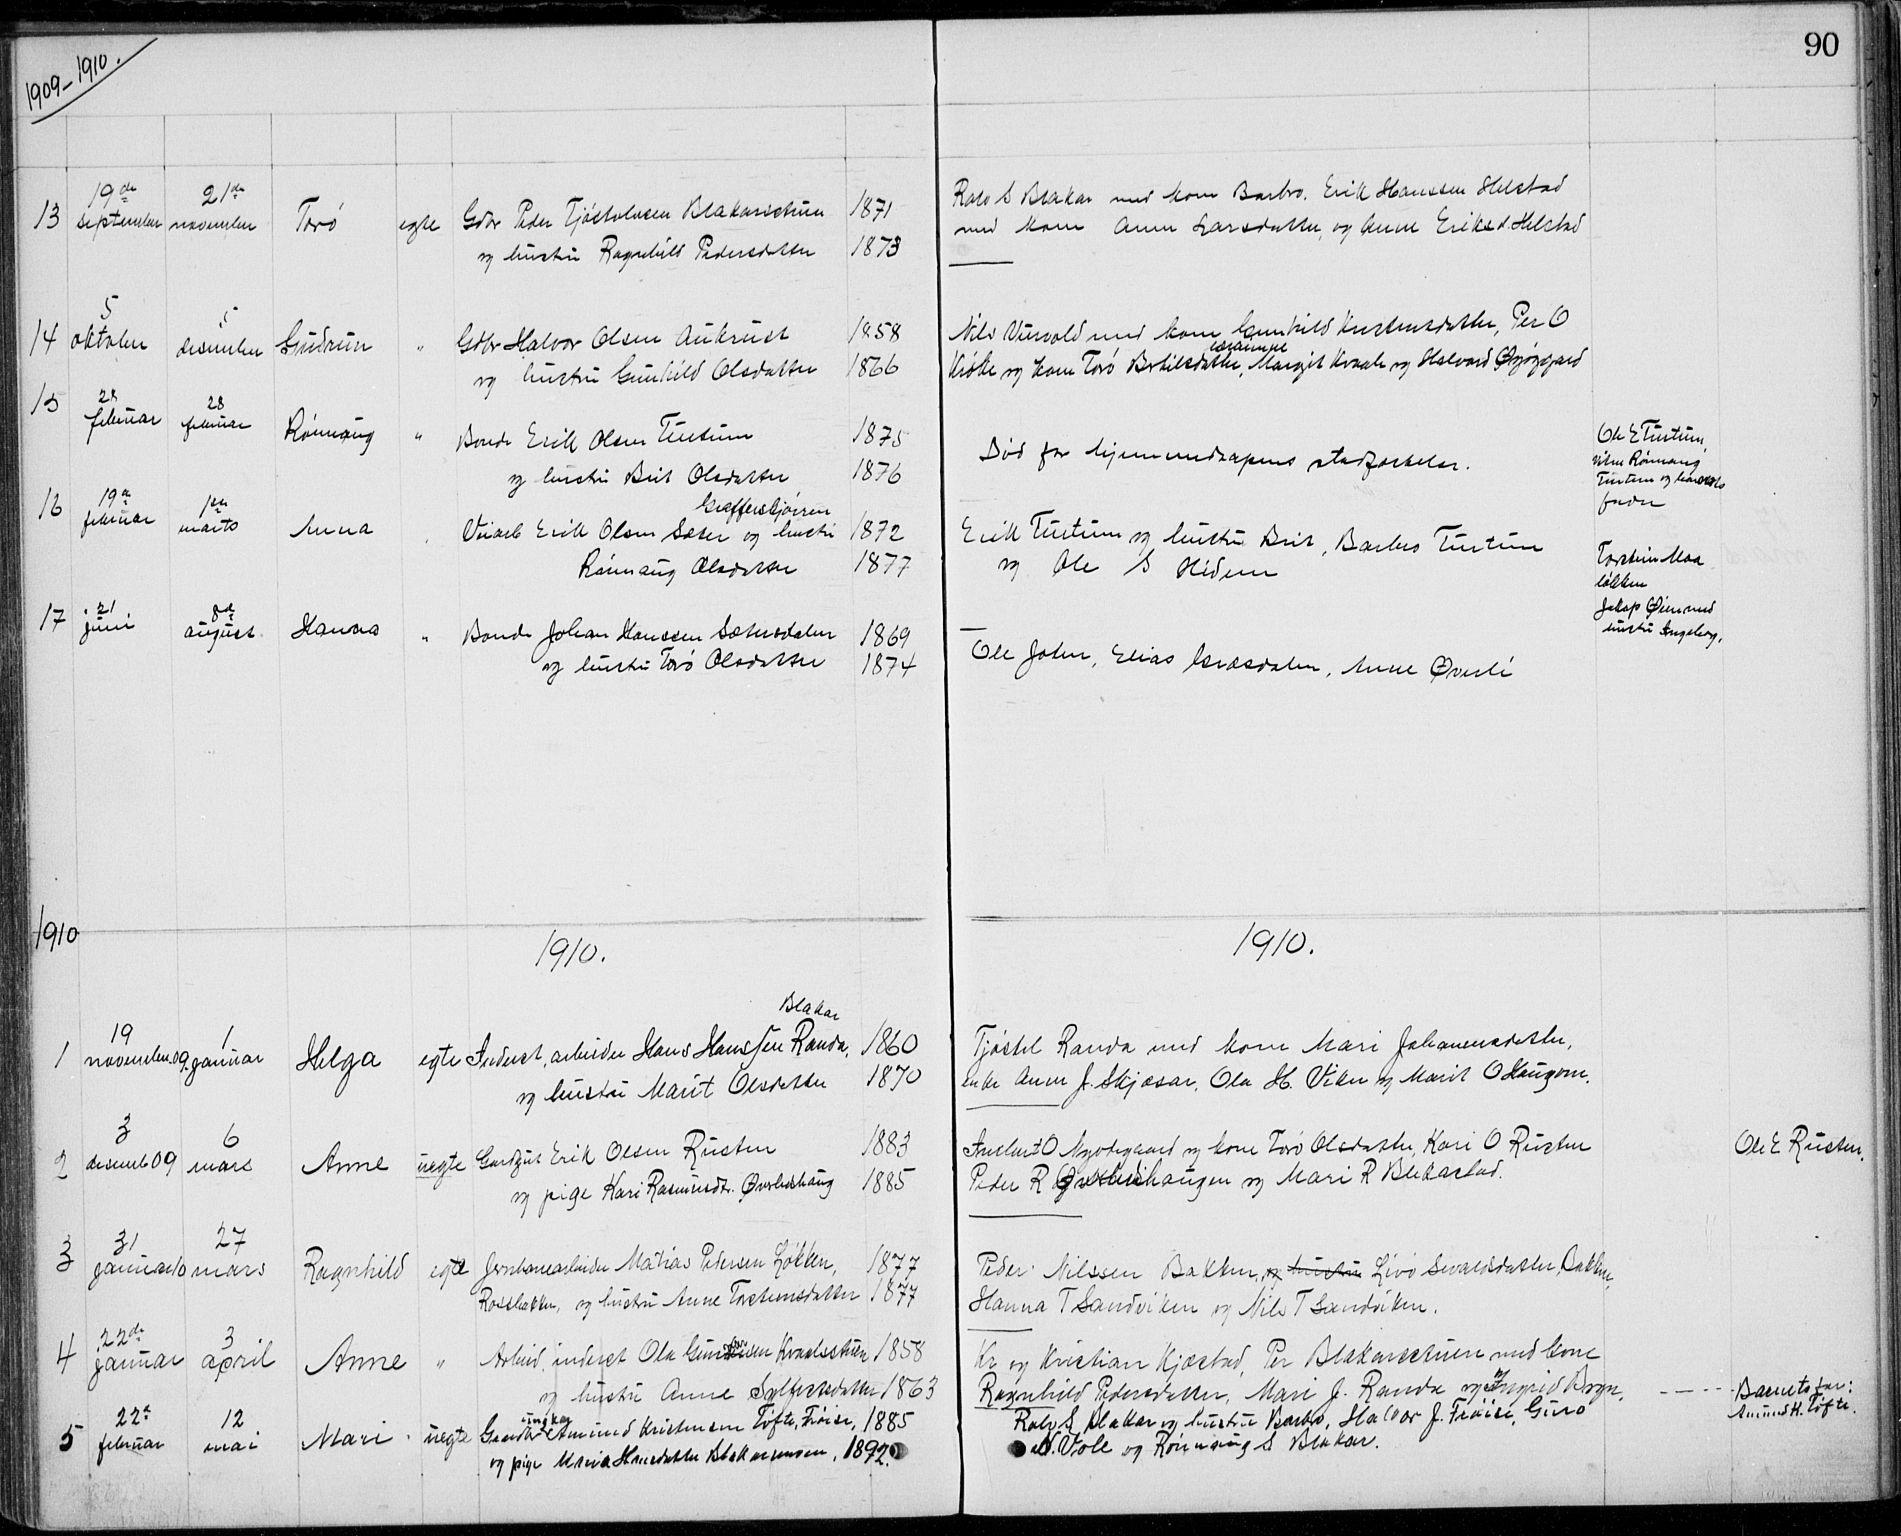 SAH, Lom prestekontor, L/L0013: Klokkerbok nr. 13, 1874-1938, s. 90